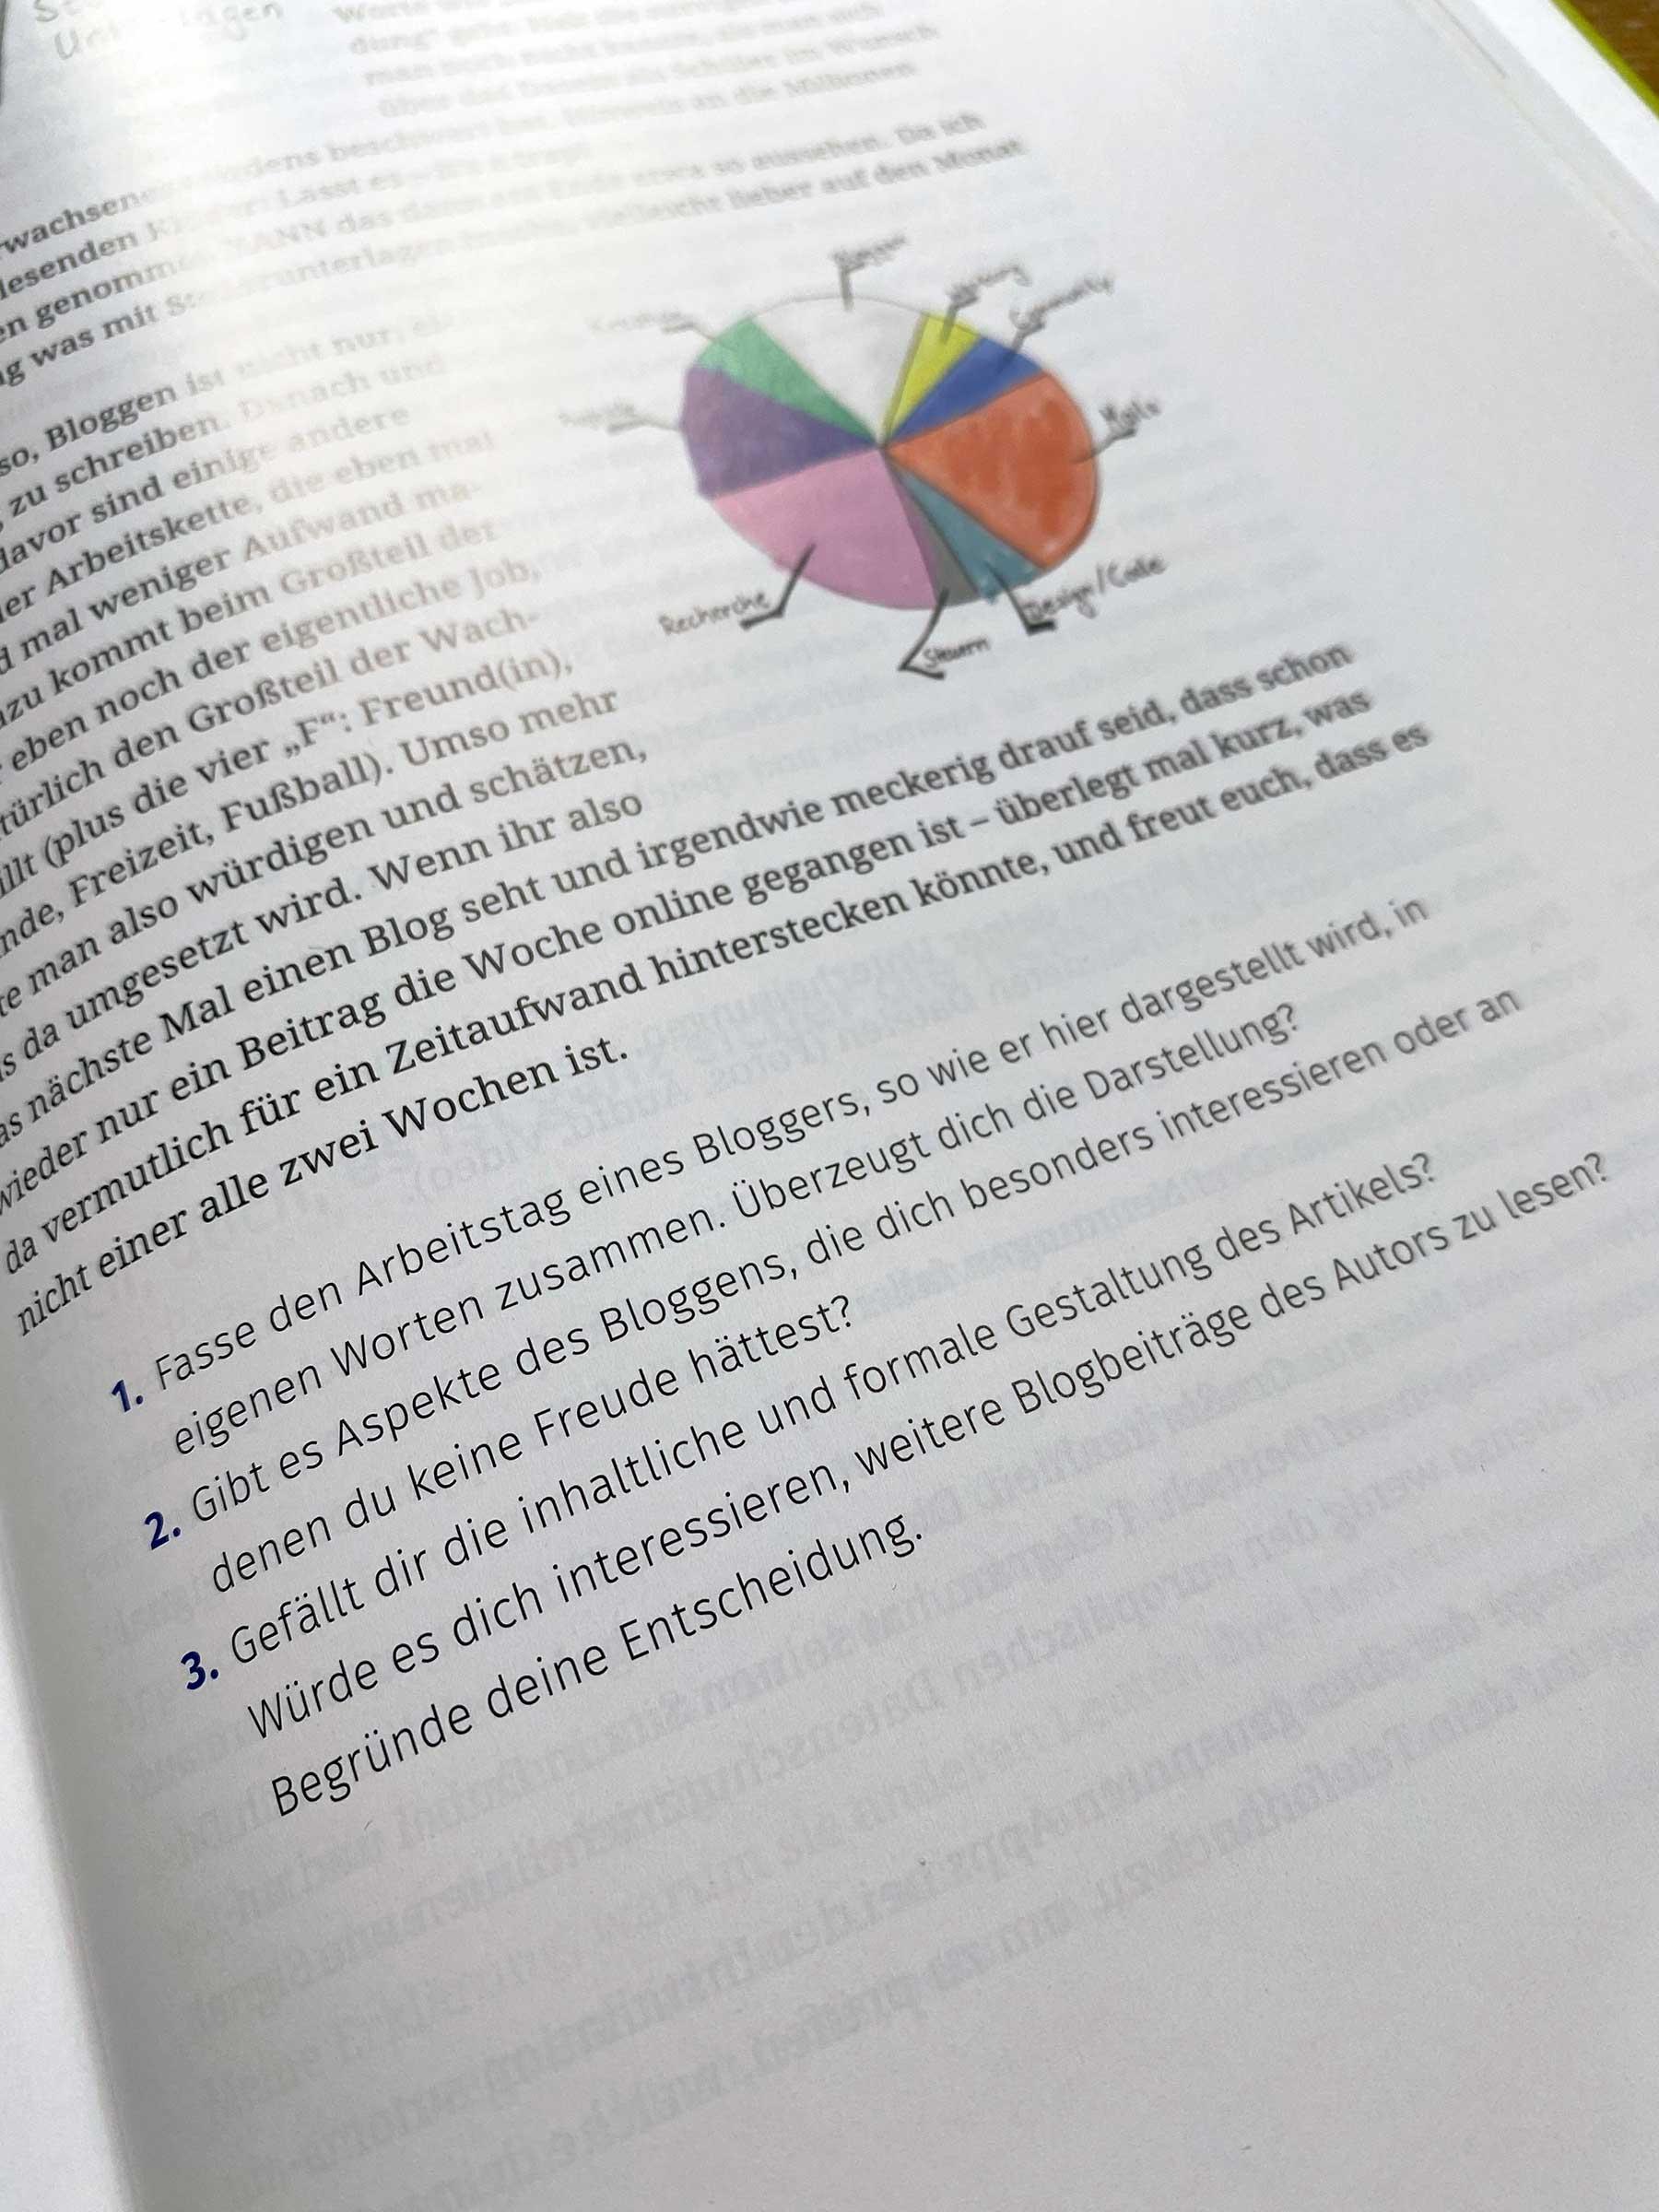 Einer meiner Blogtexte steht jetzt in einem Schulbuch für den Deutschunterricht blogtext-im-schulbuch_04